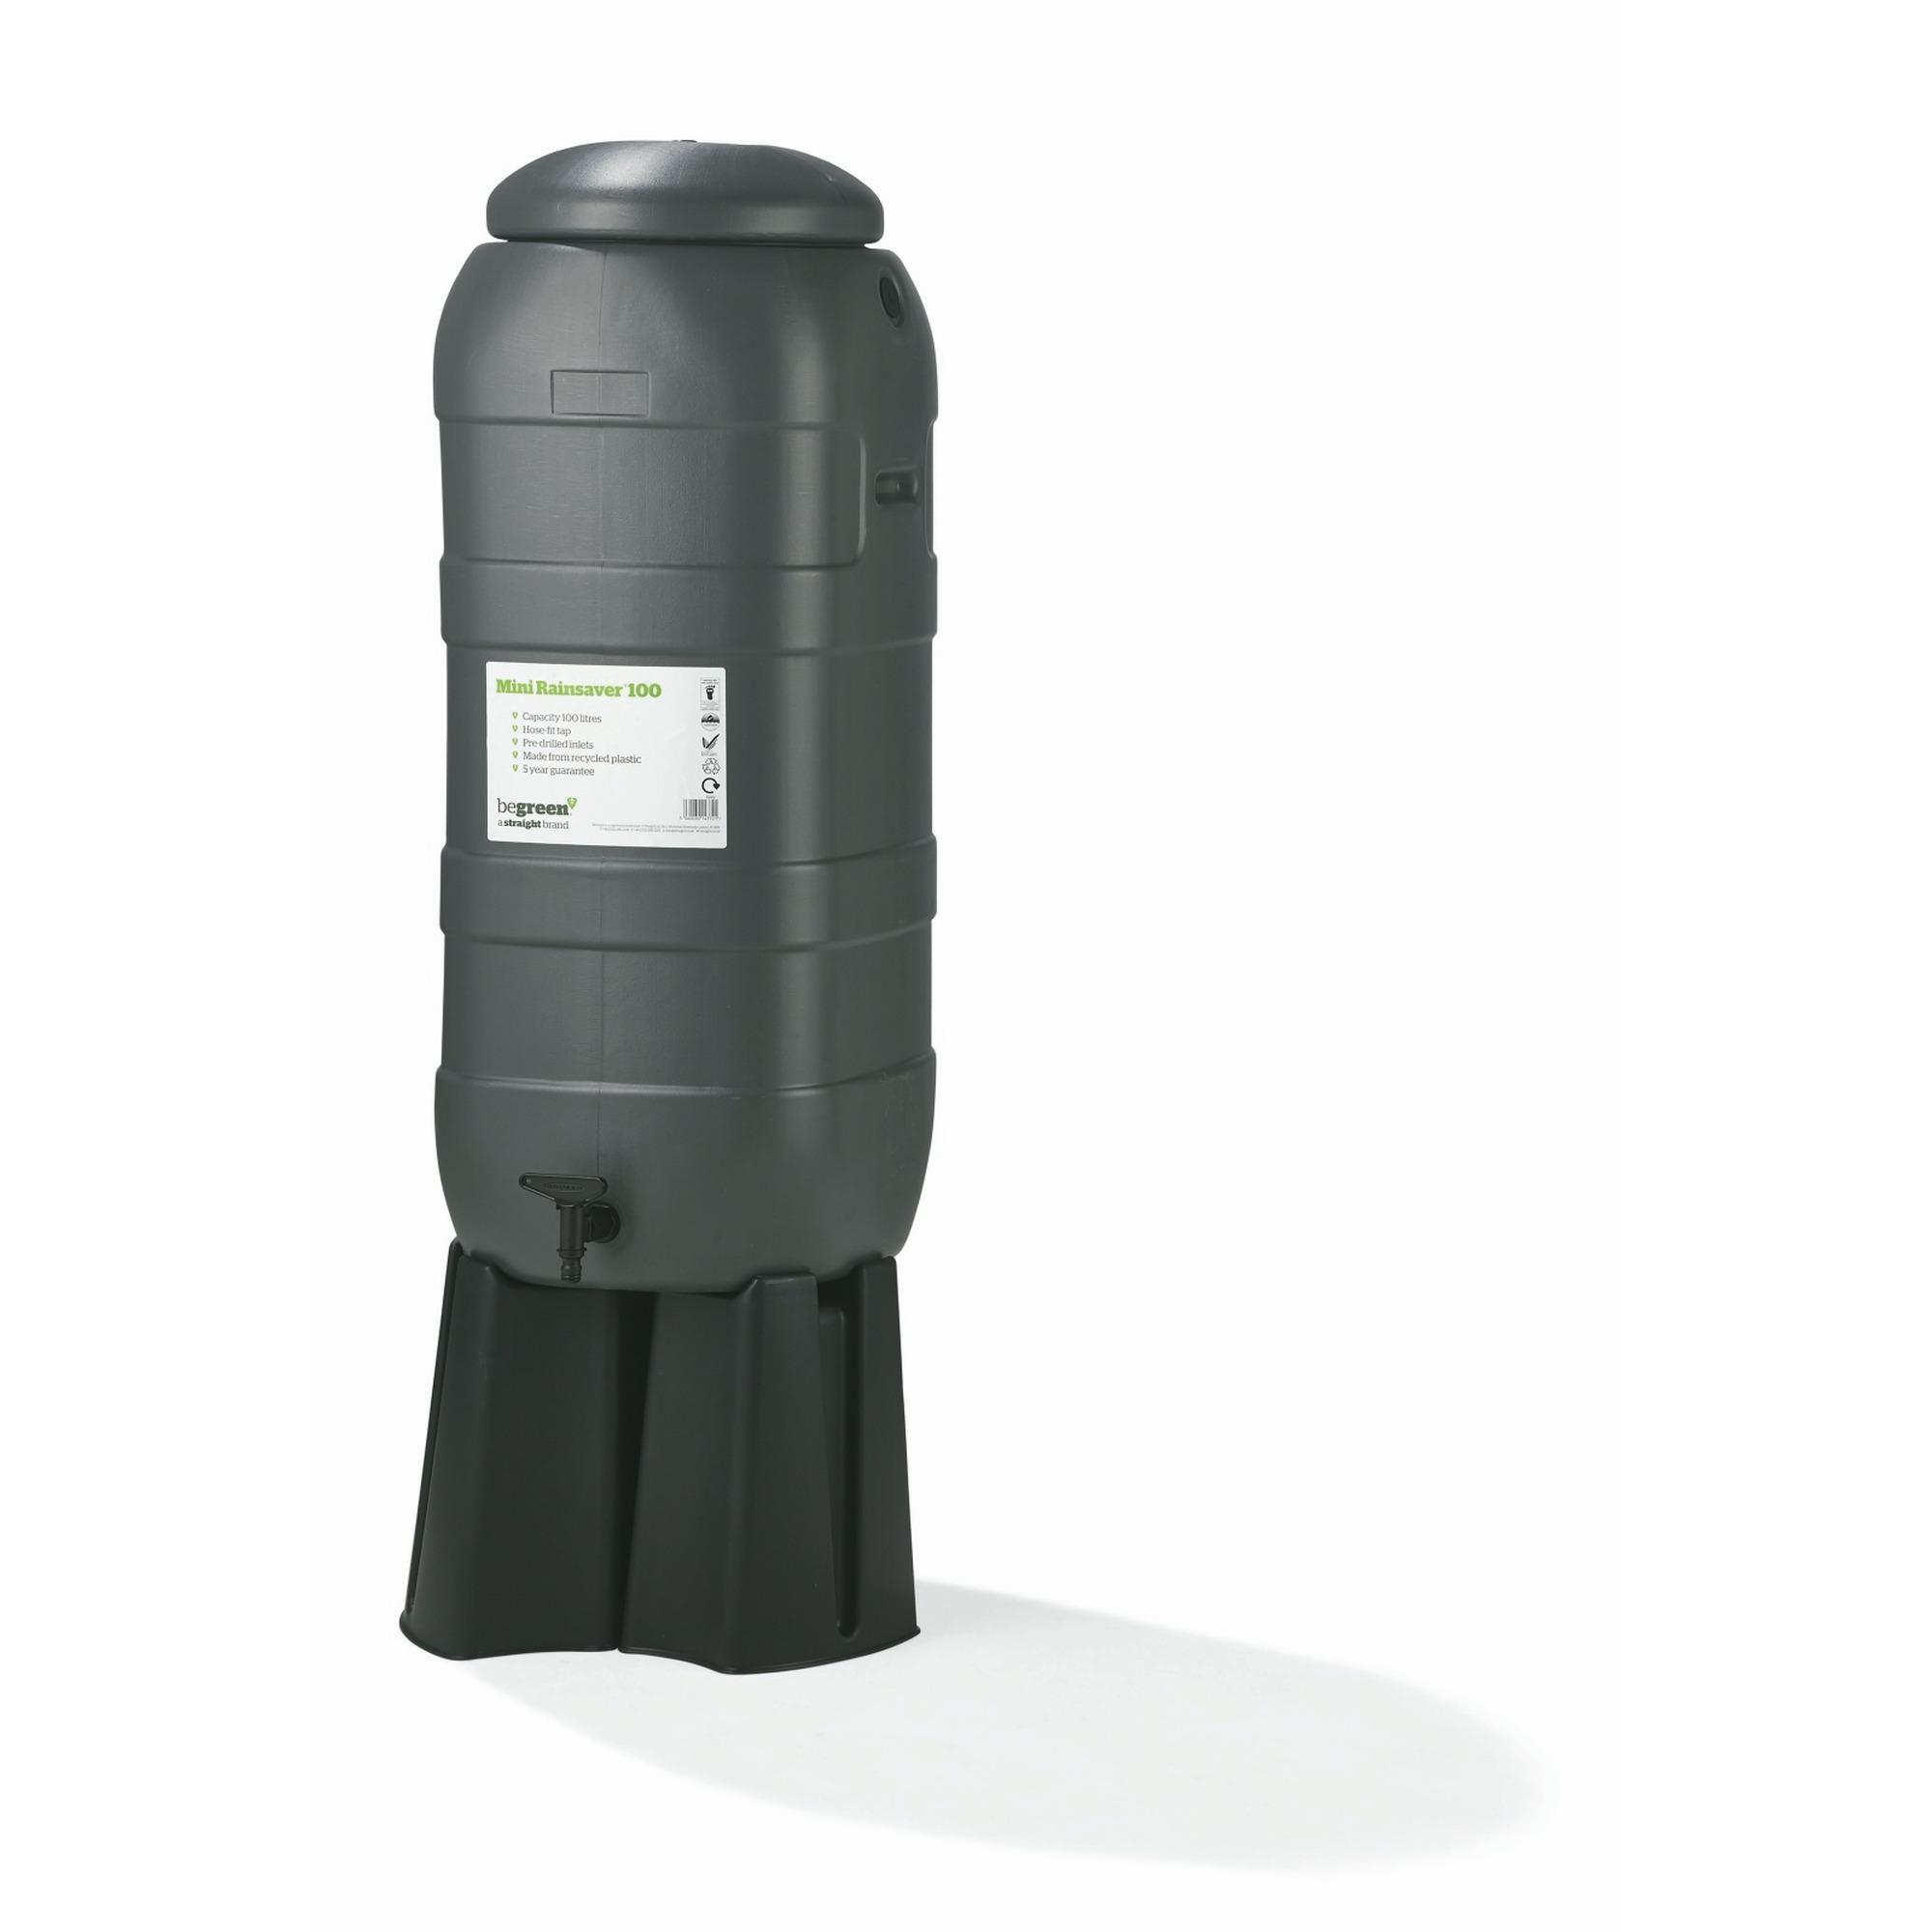 Harcostar Regenton Rainsaver Grijs Kunststof 100 Liter